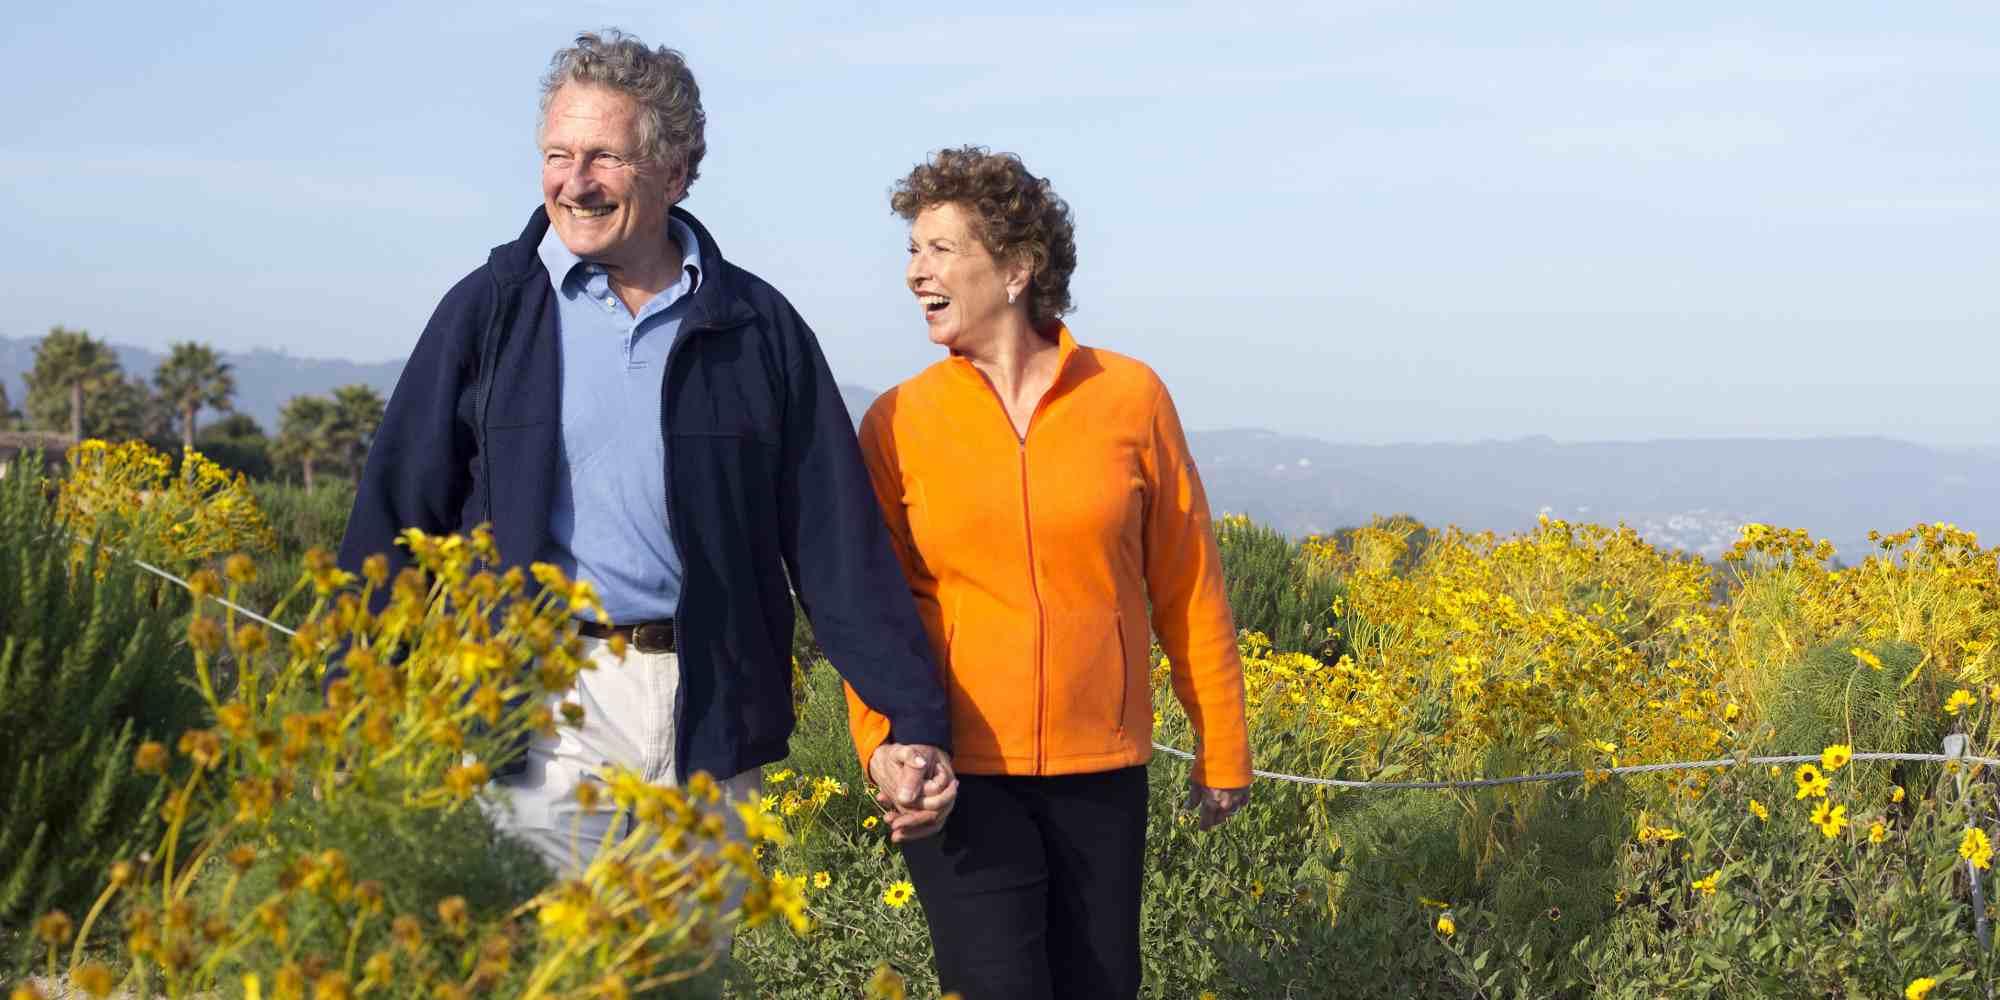 Hầu hết những người được chẩn đoán mắc bệnh bạch cầu lympho mạn tính trong độ tuổi từ trung niên trở lên.